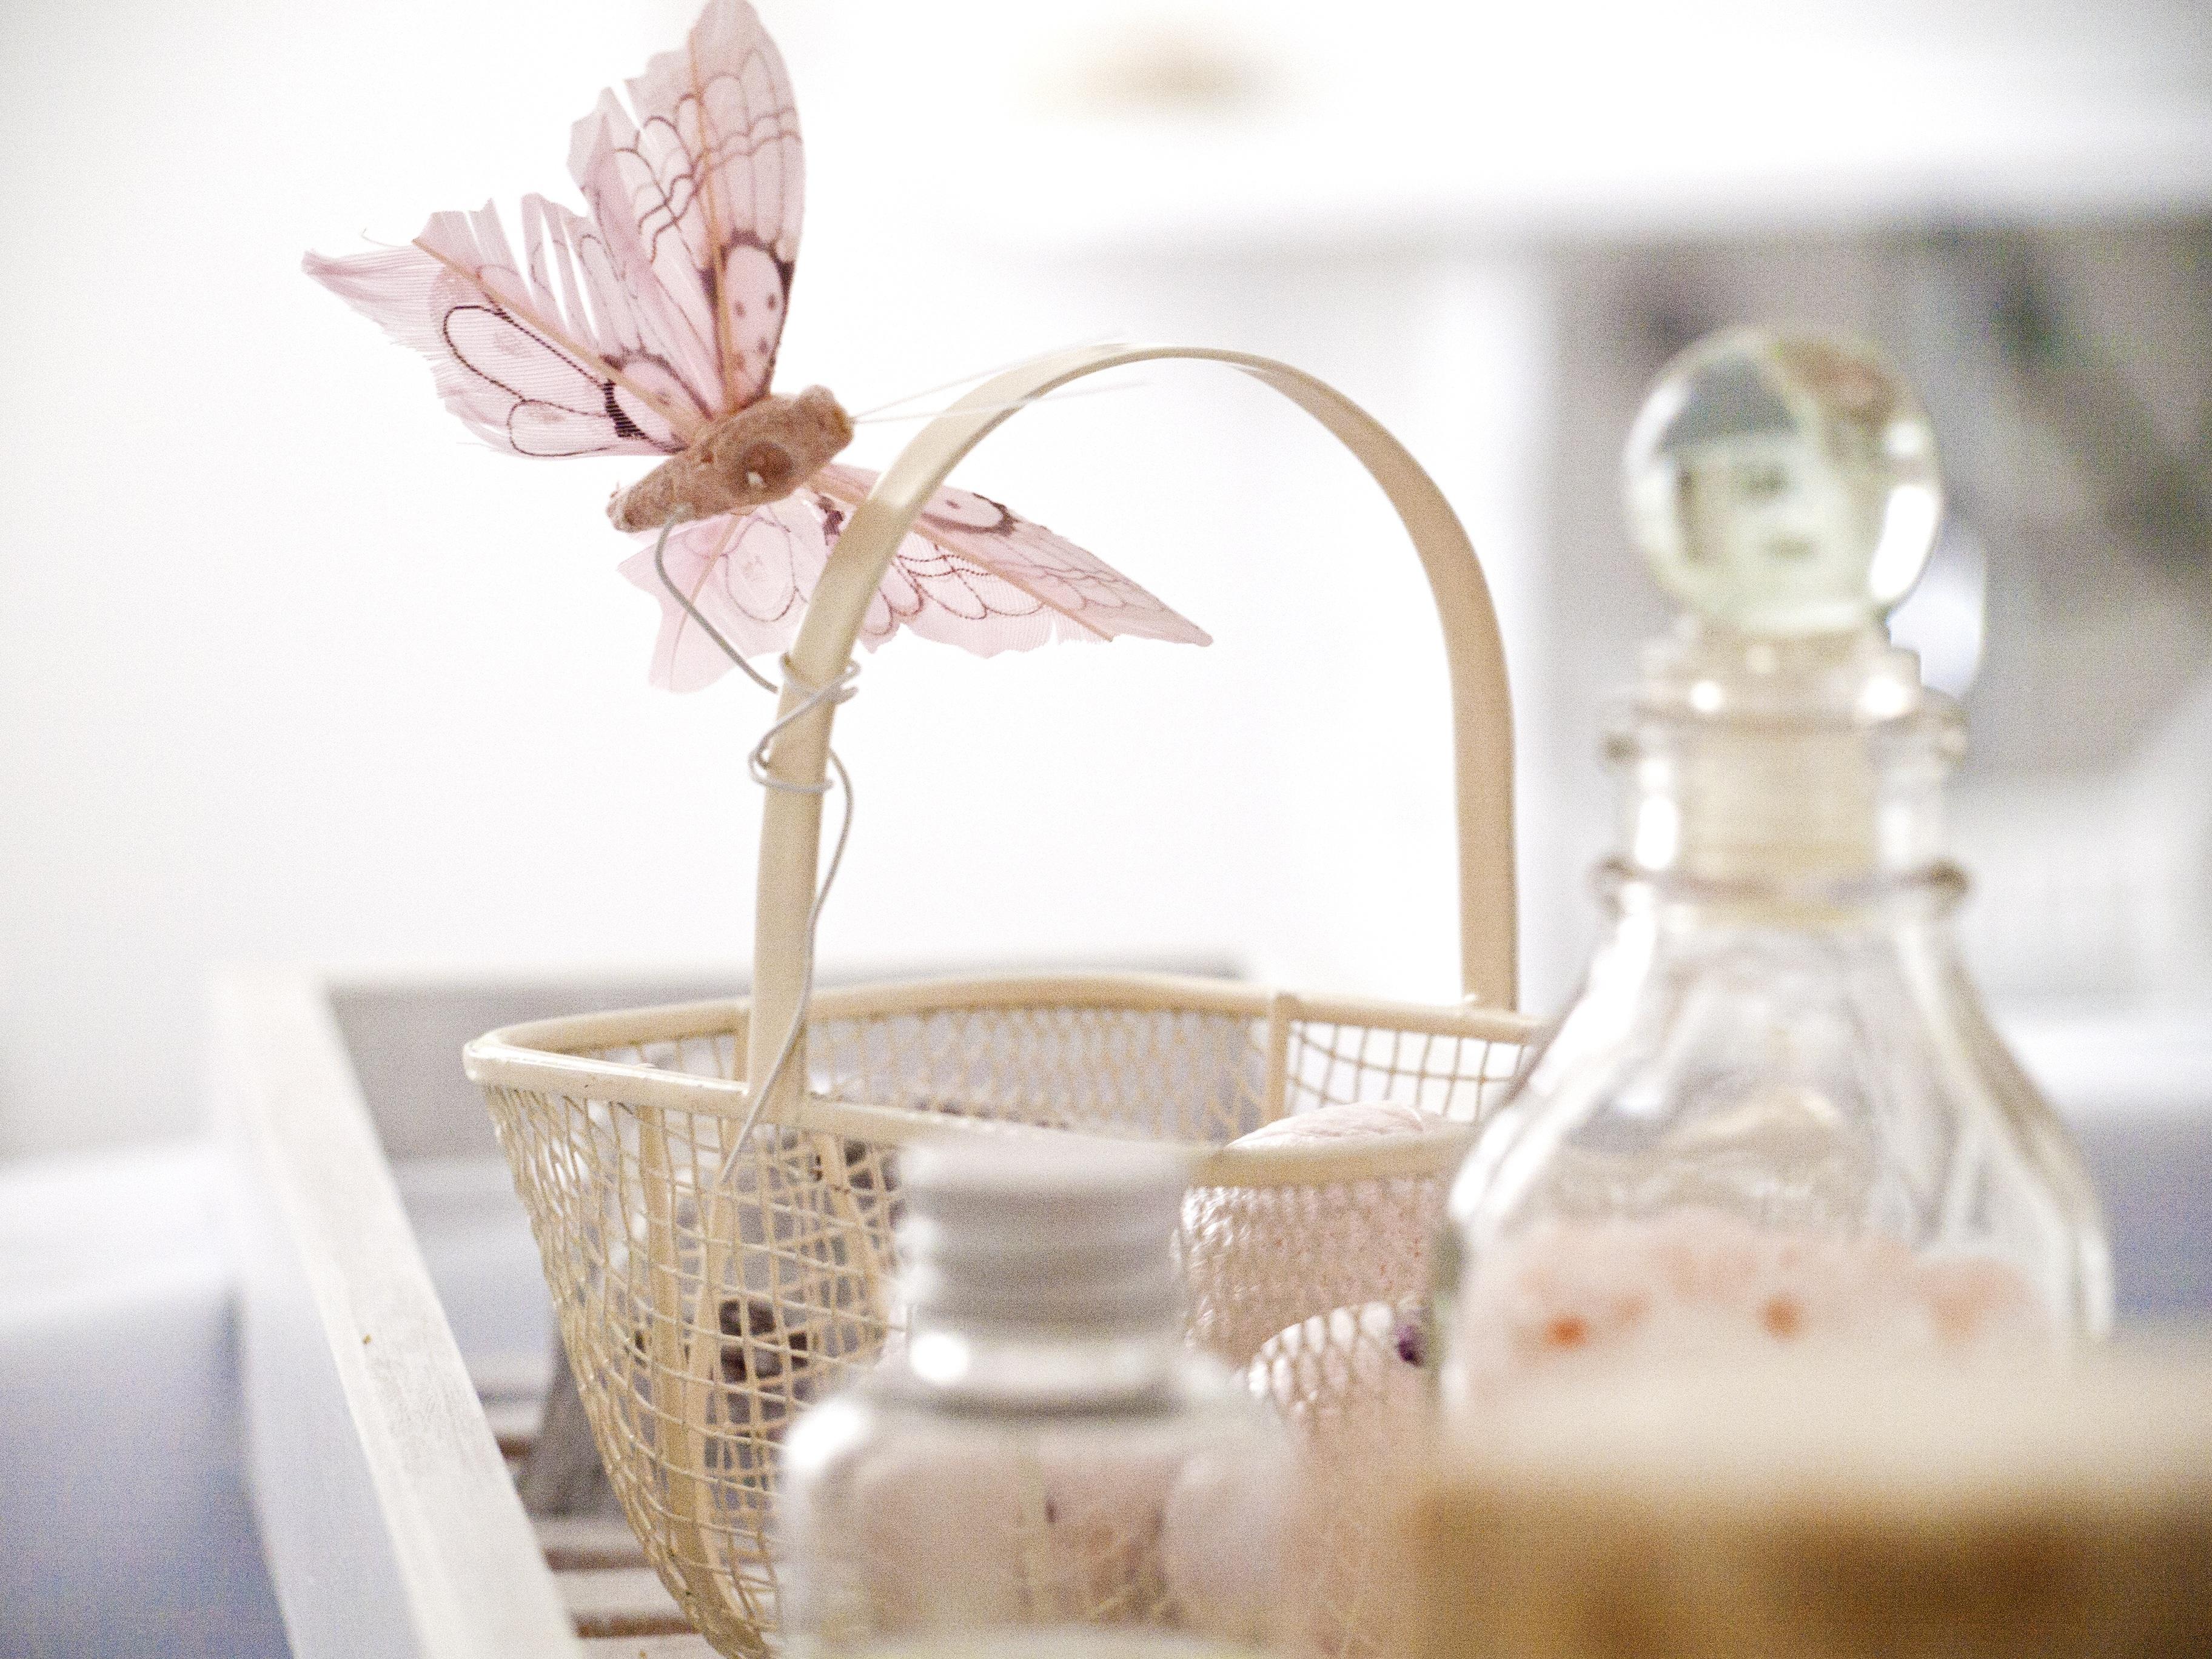 Immagini Belle : fiore, bicchiere, pulito, lavaggio, cestino, rosa ...